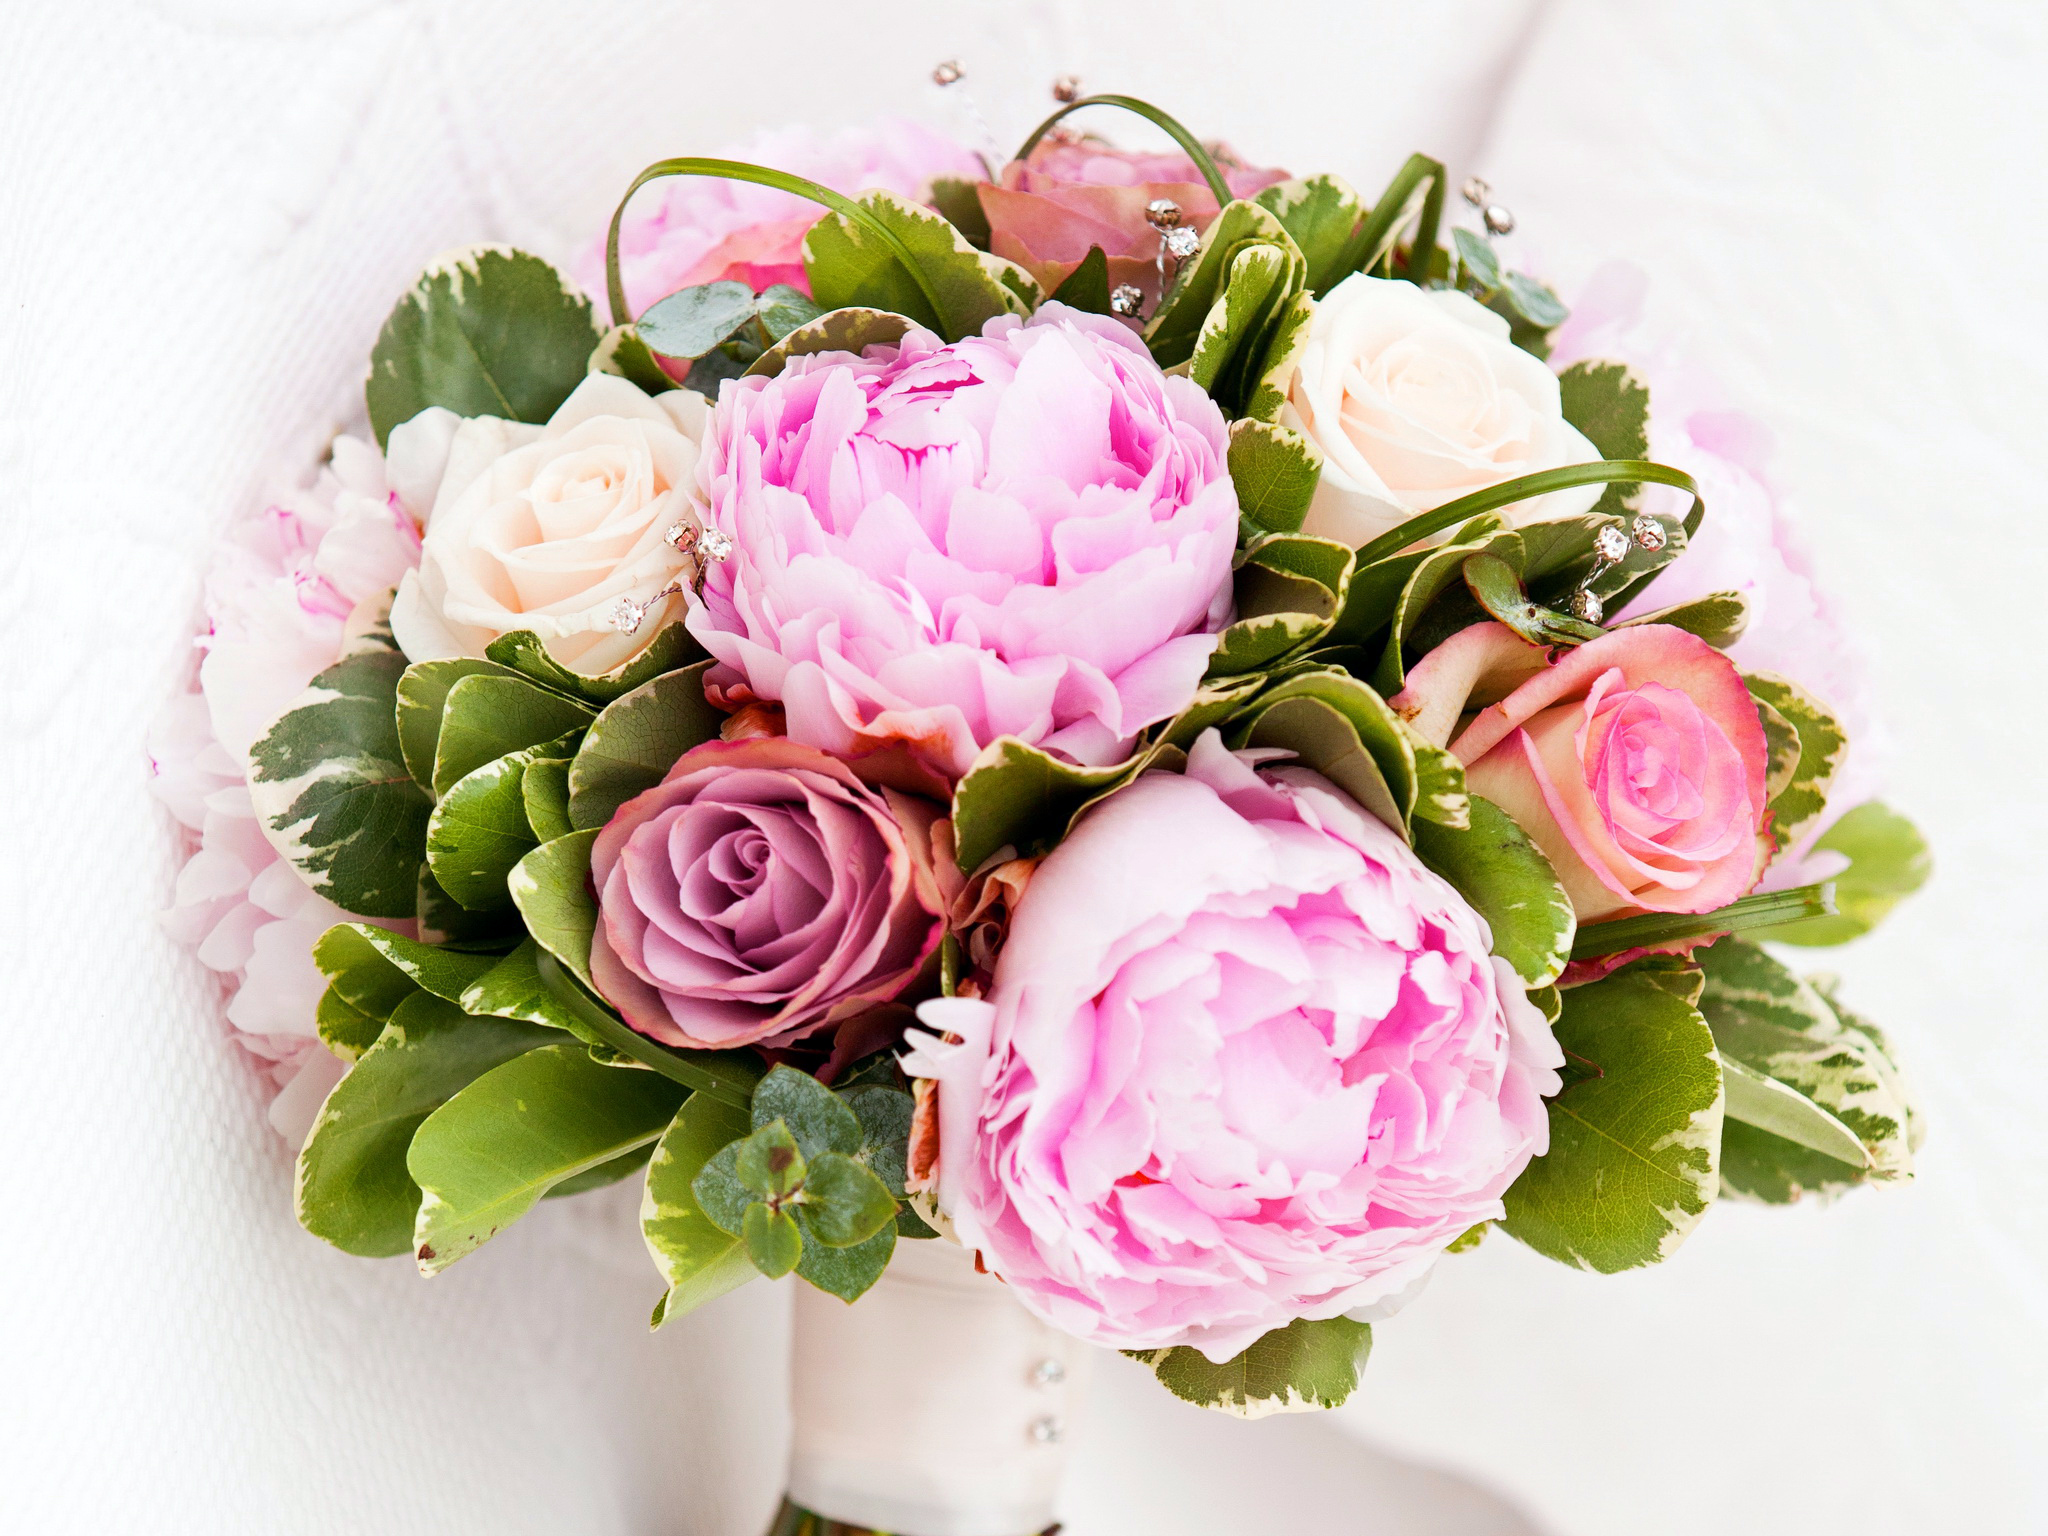 flower bouquet wallpaper photos 52254